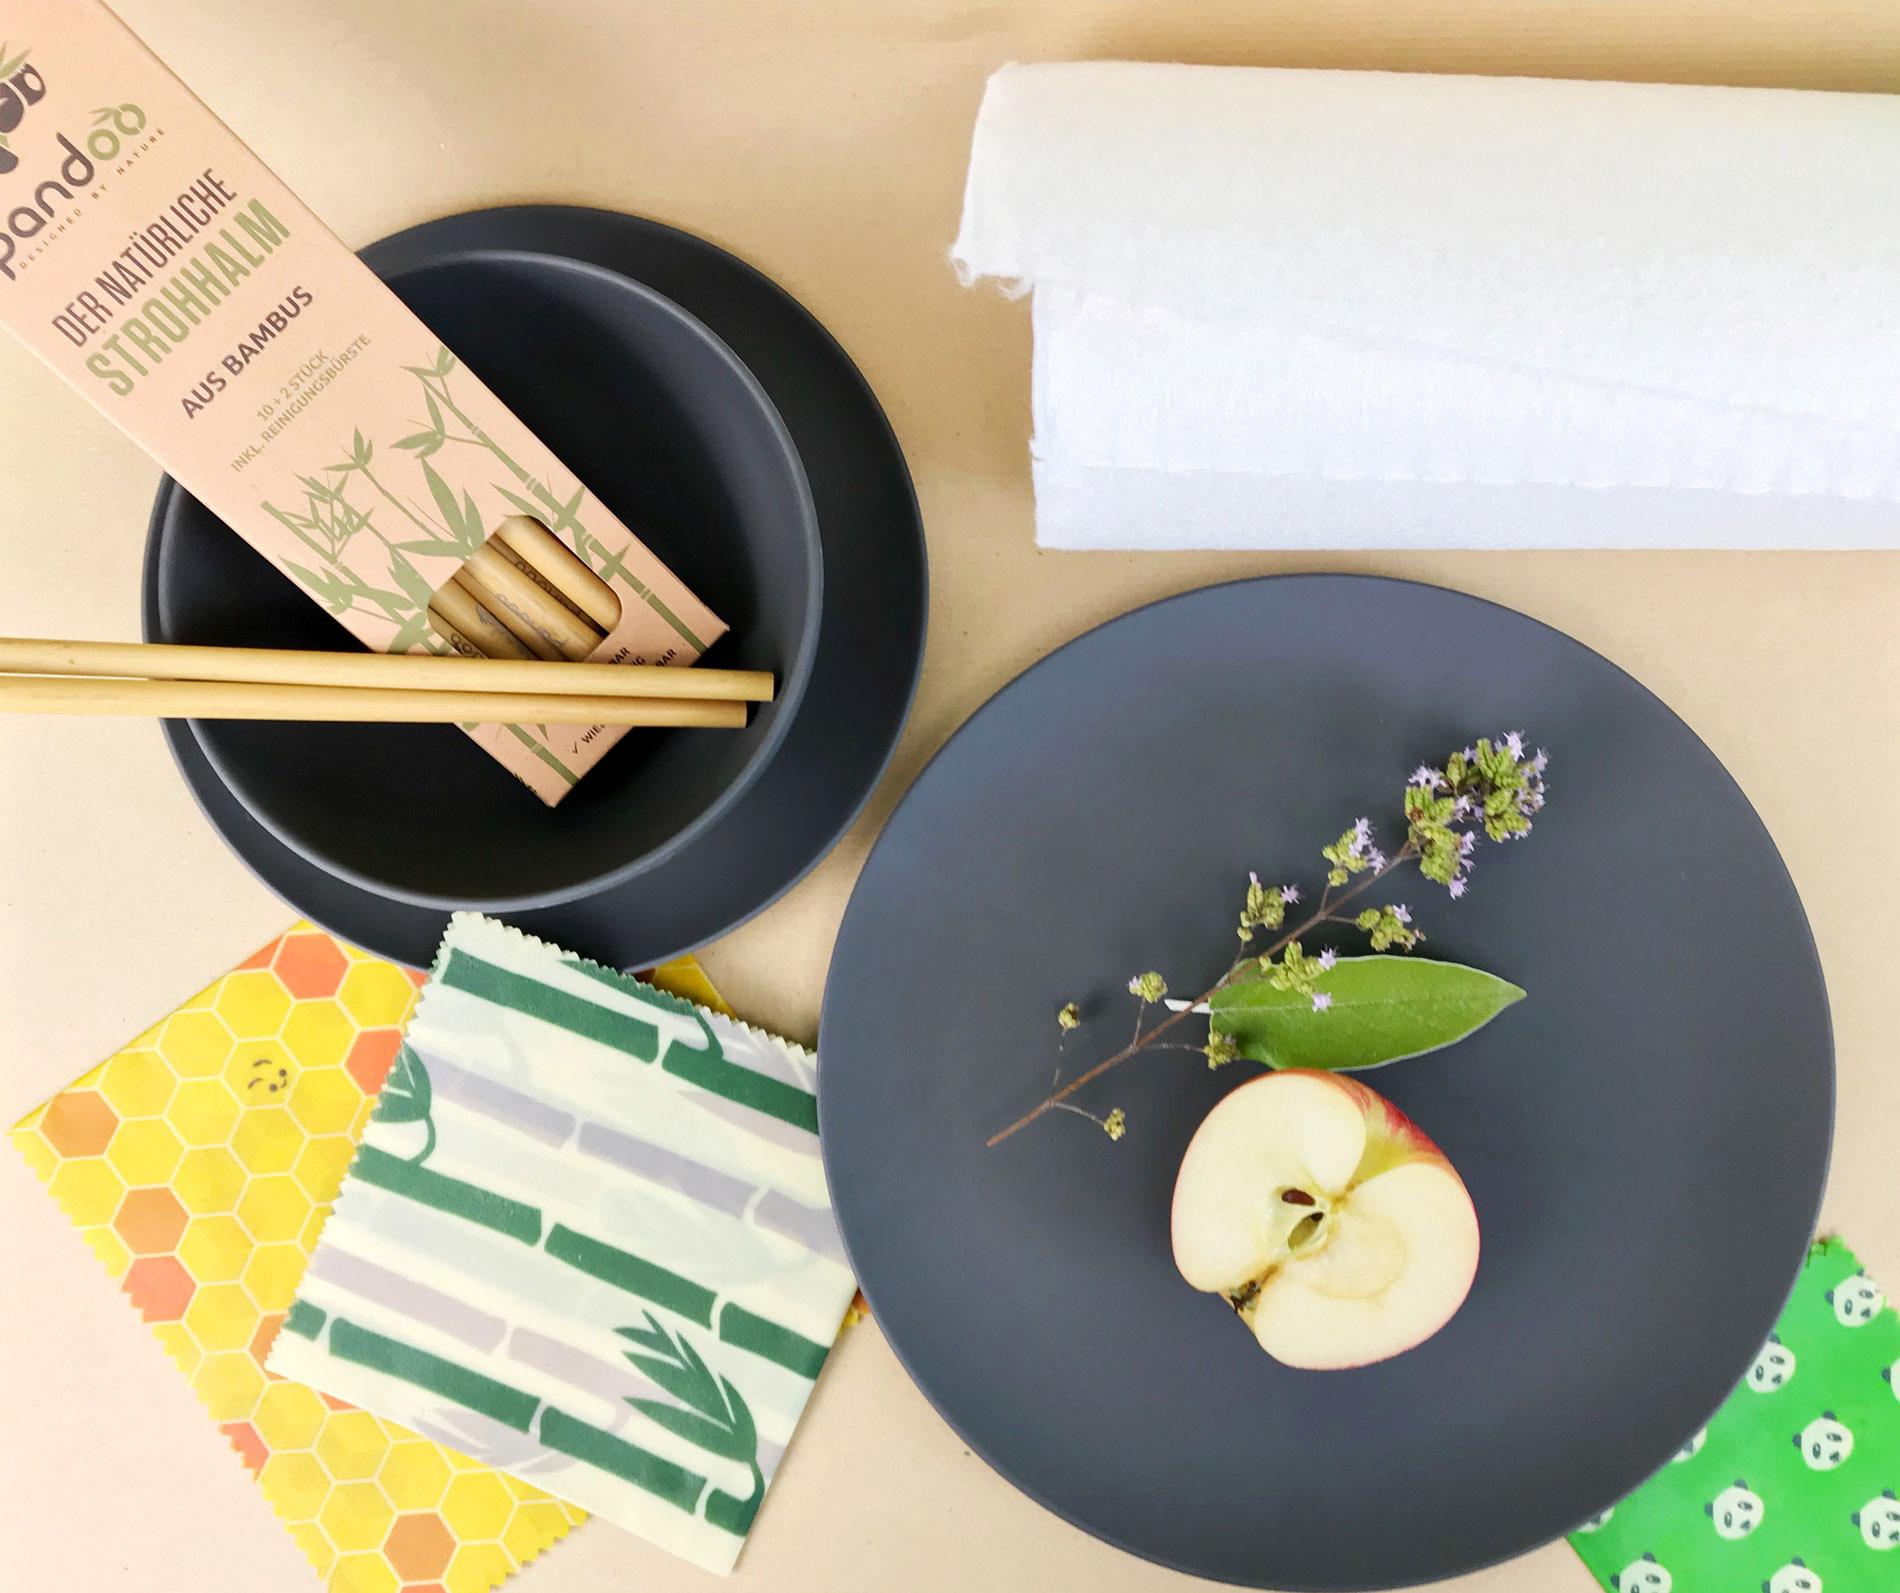 Low Waste und Nachhaltigkeit in der Küche, nachhaltige Küche, zero Waste, weniger Abfall produzieren, Bienenwachstücher, plastikfreie Alternativen für die Küche, Nachhaltigkeit in der Küche, Bambus Geschirr, Bienenwachstücher, Bambus Strohhalme,